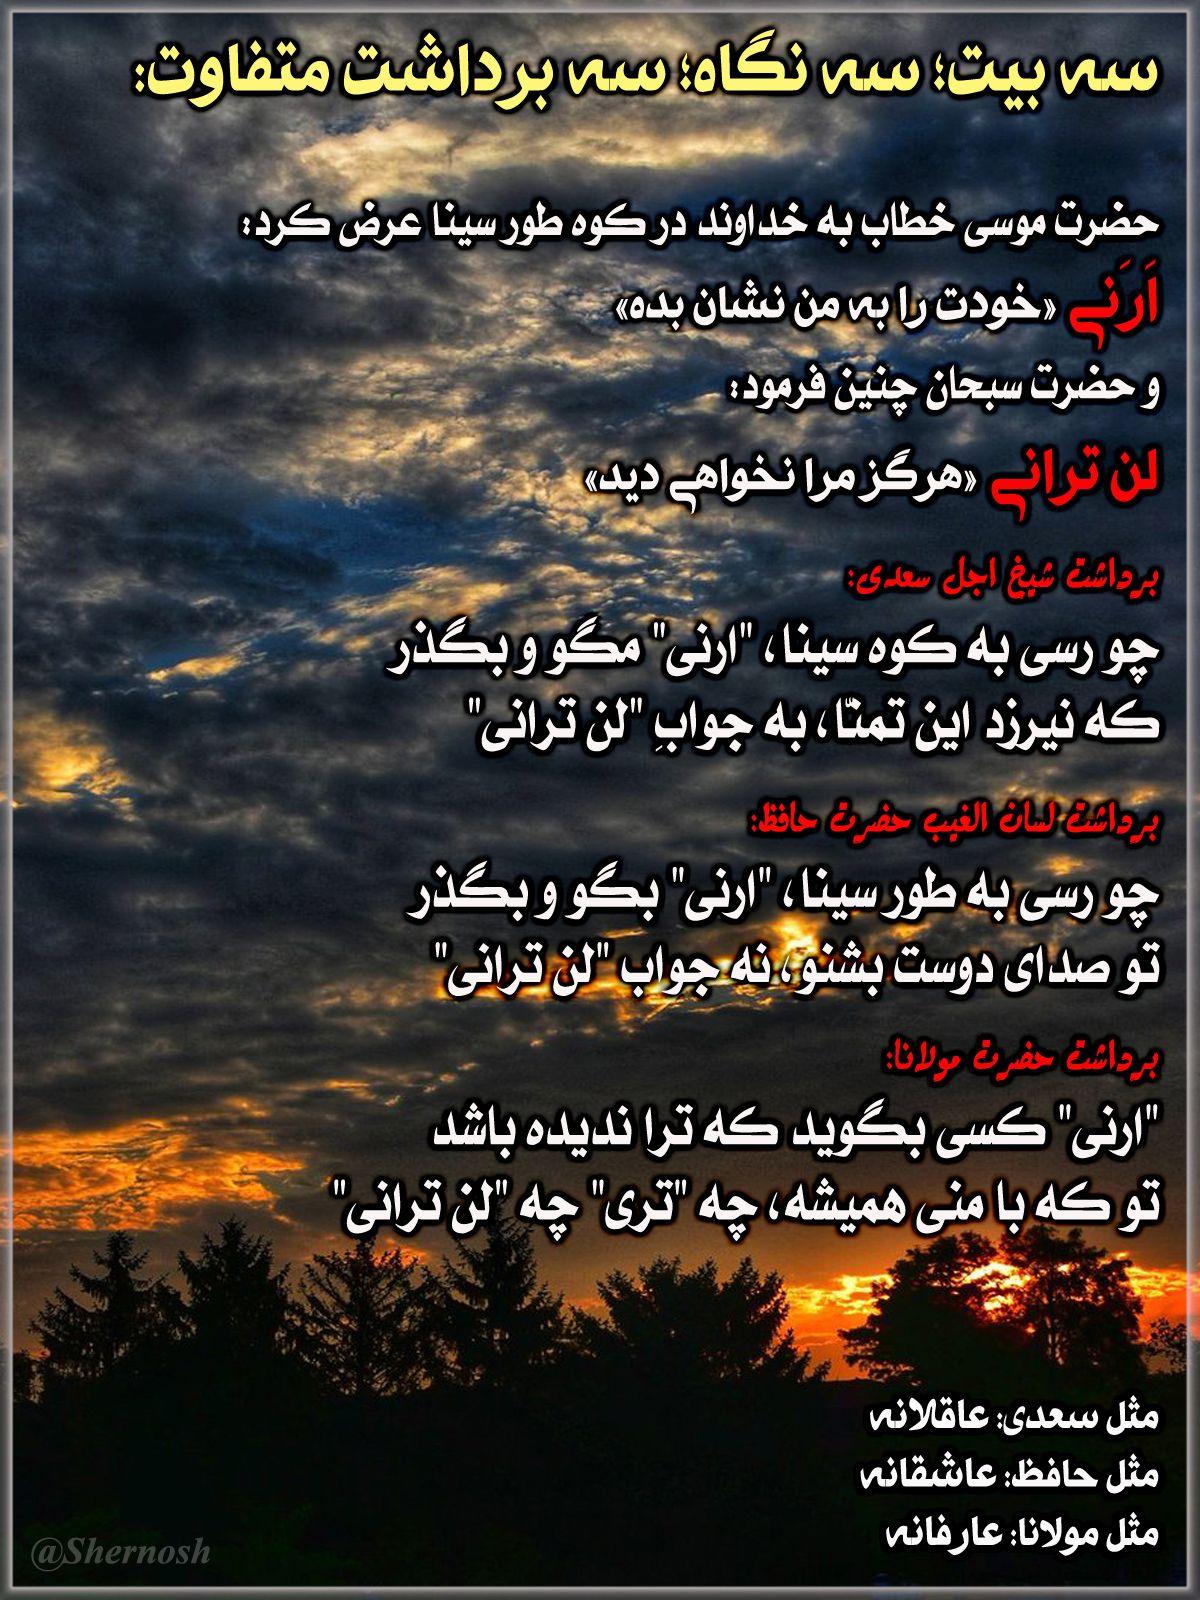 اشعار عطار نیشابوری شعرهای 13